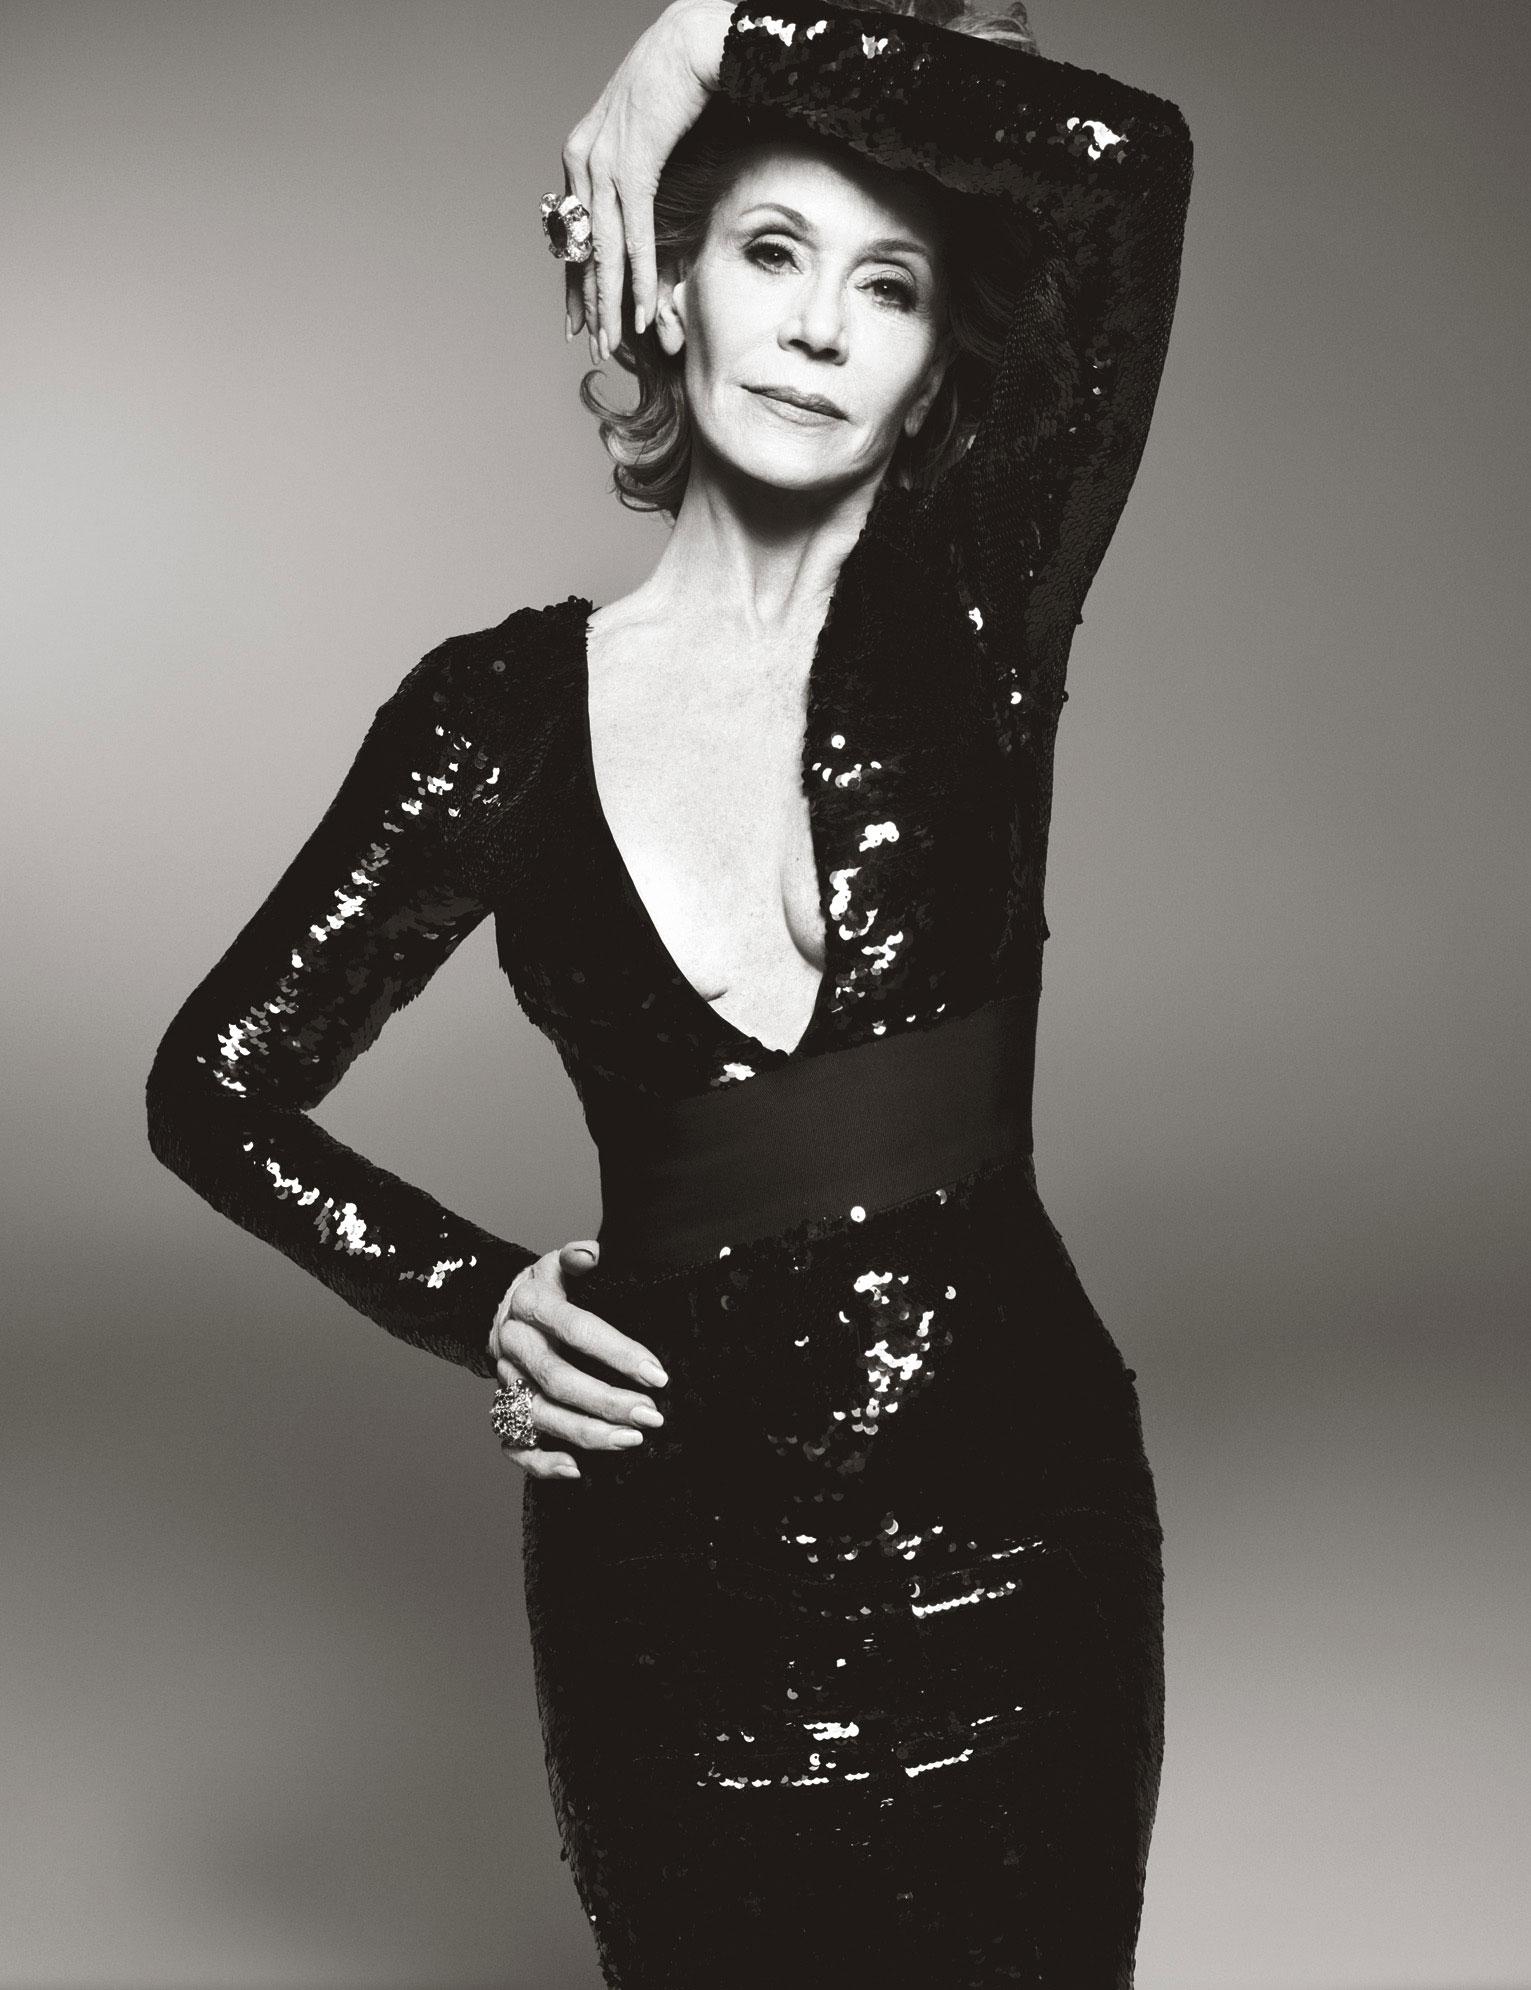 Актриса Джейн Фонда никогда не старалась быть модной, но ее стиль до сих пор вызывает восхищение